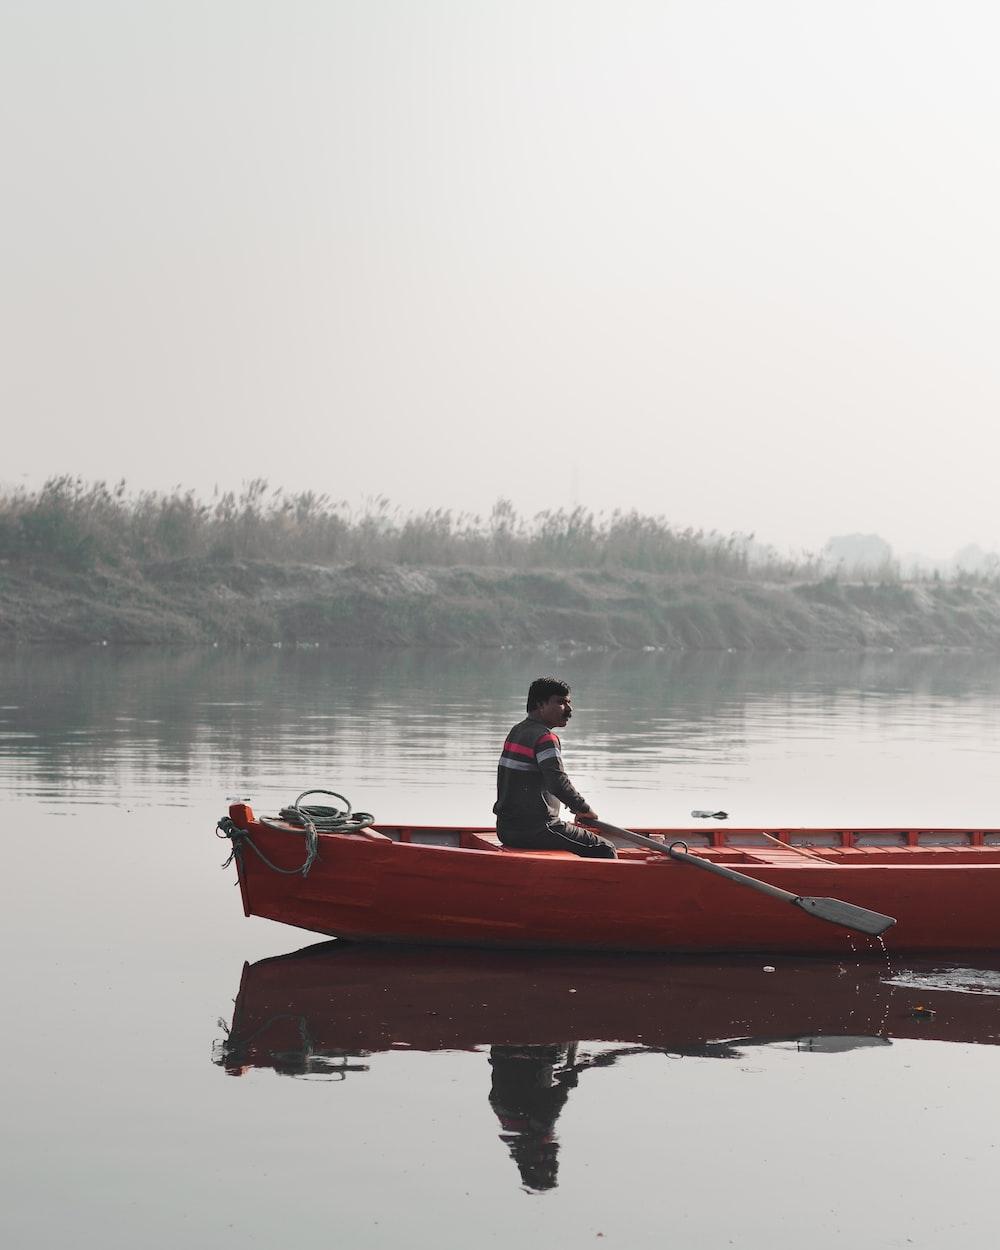 man sitting on orange canoe